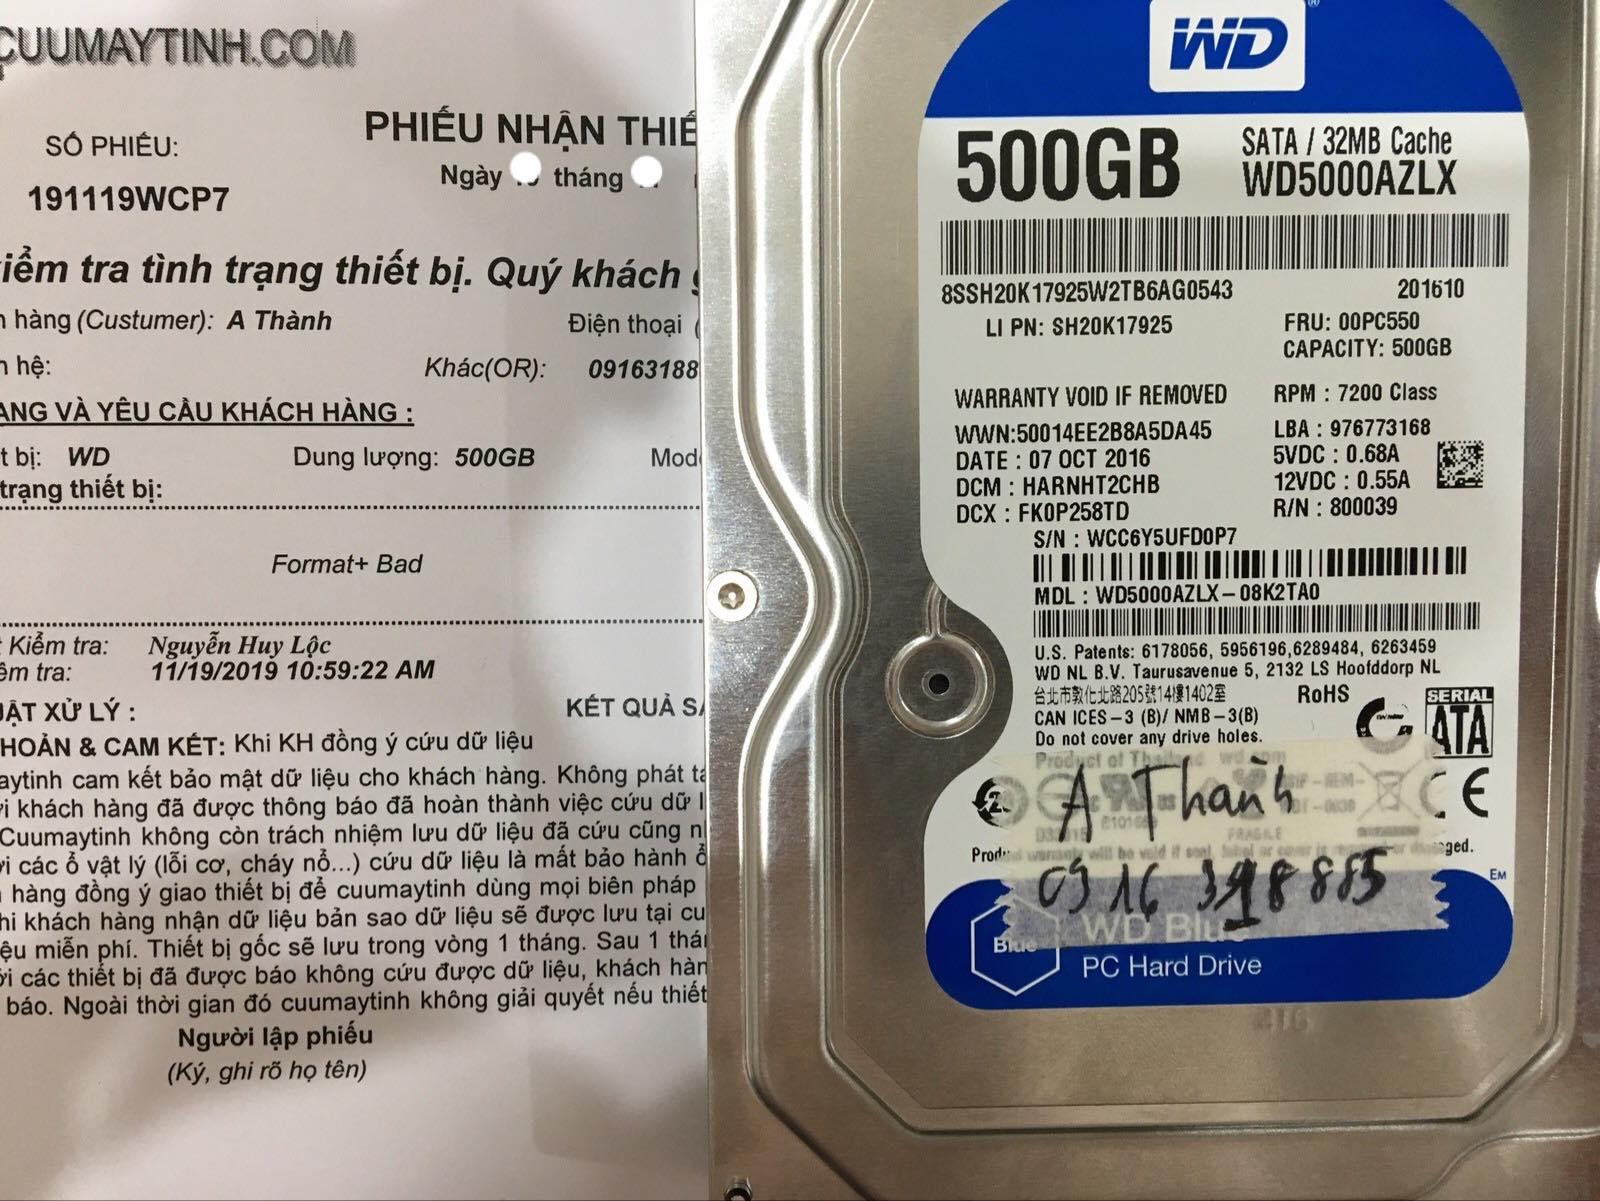 Cứu dữ liệu ổ cứng Western 500GB bad 02/12/2019 - cuumaytinh